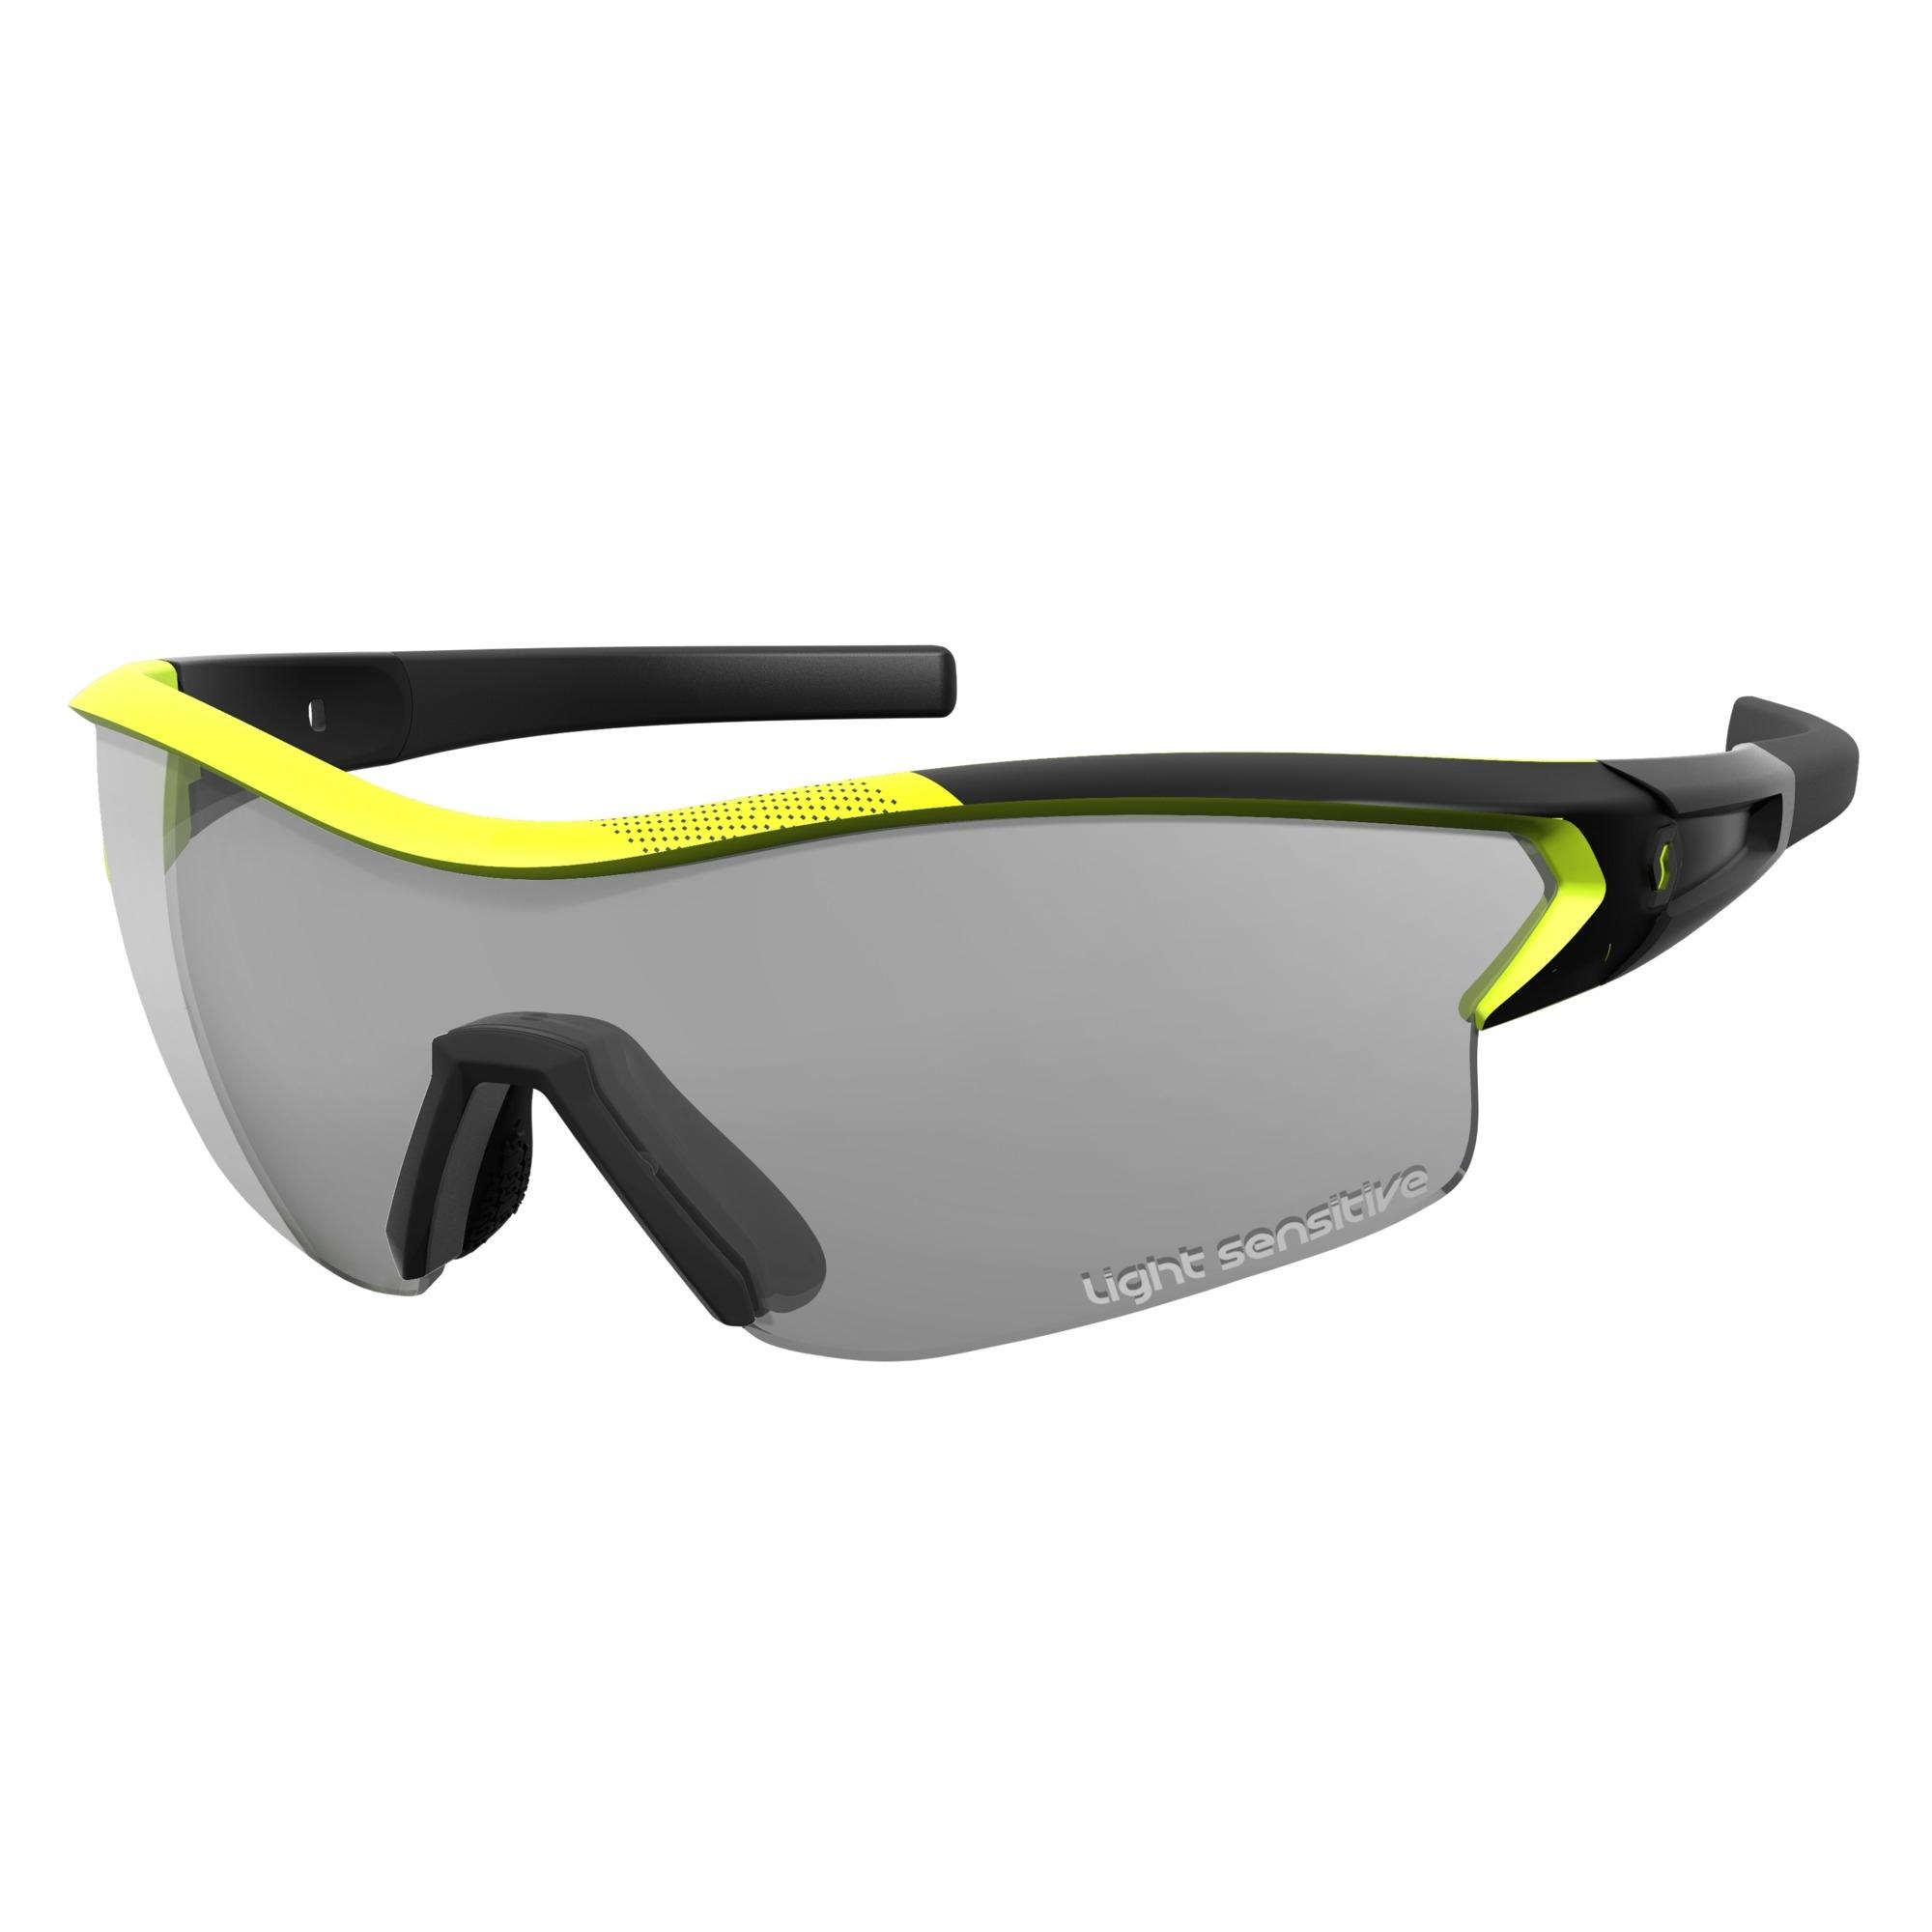 Scott Vector Vélo Lunettes de sport Vert/Jaune/Vert Chrome oBEWWd